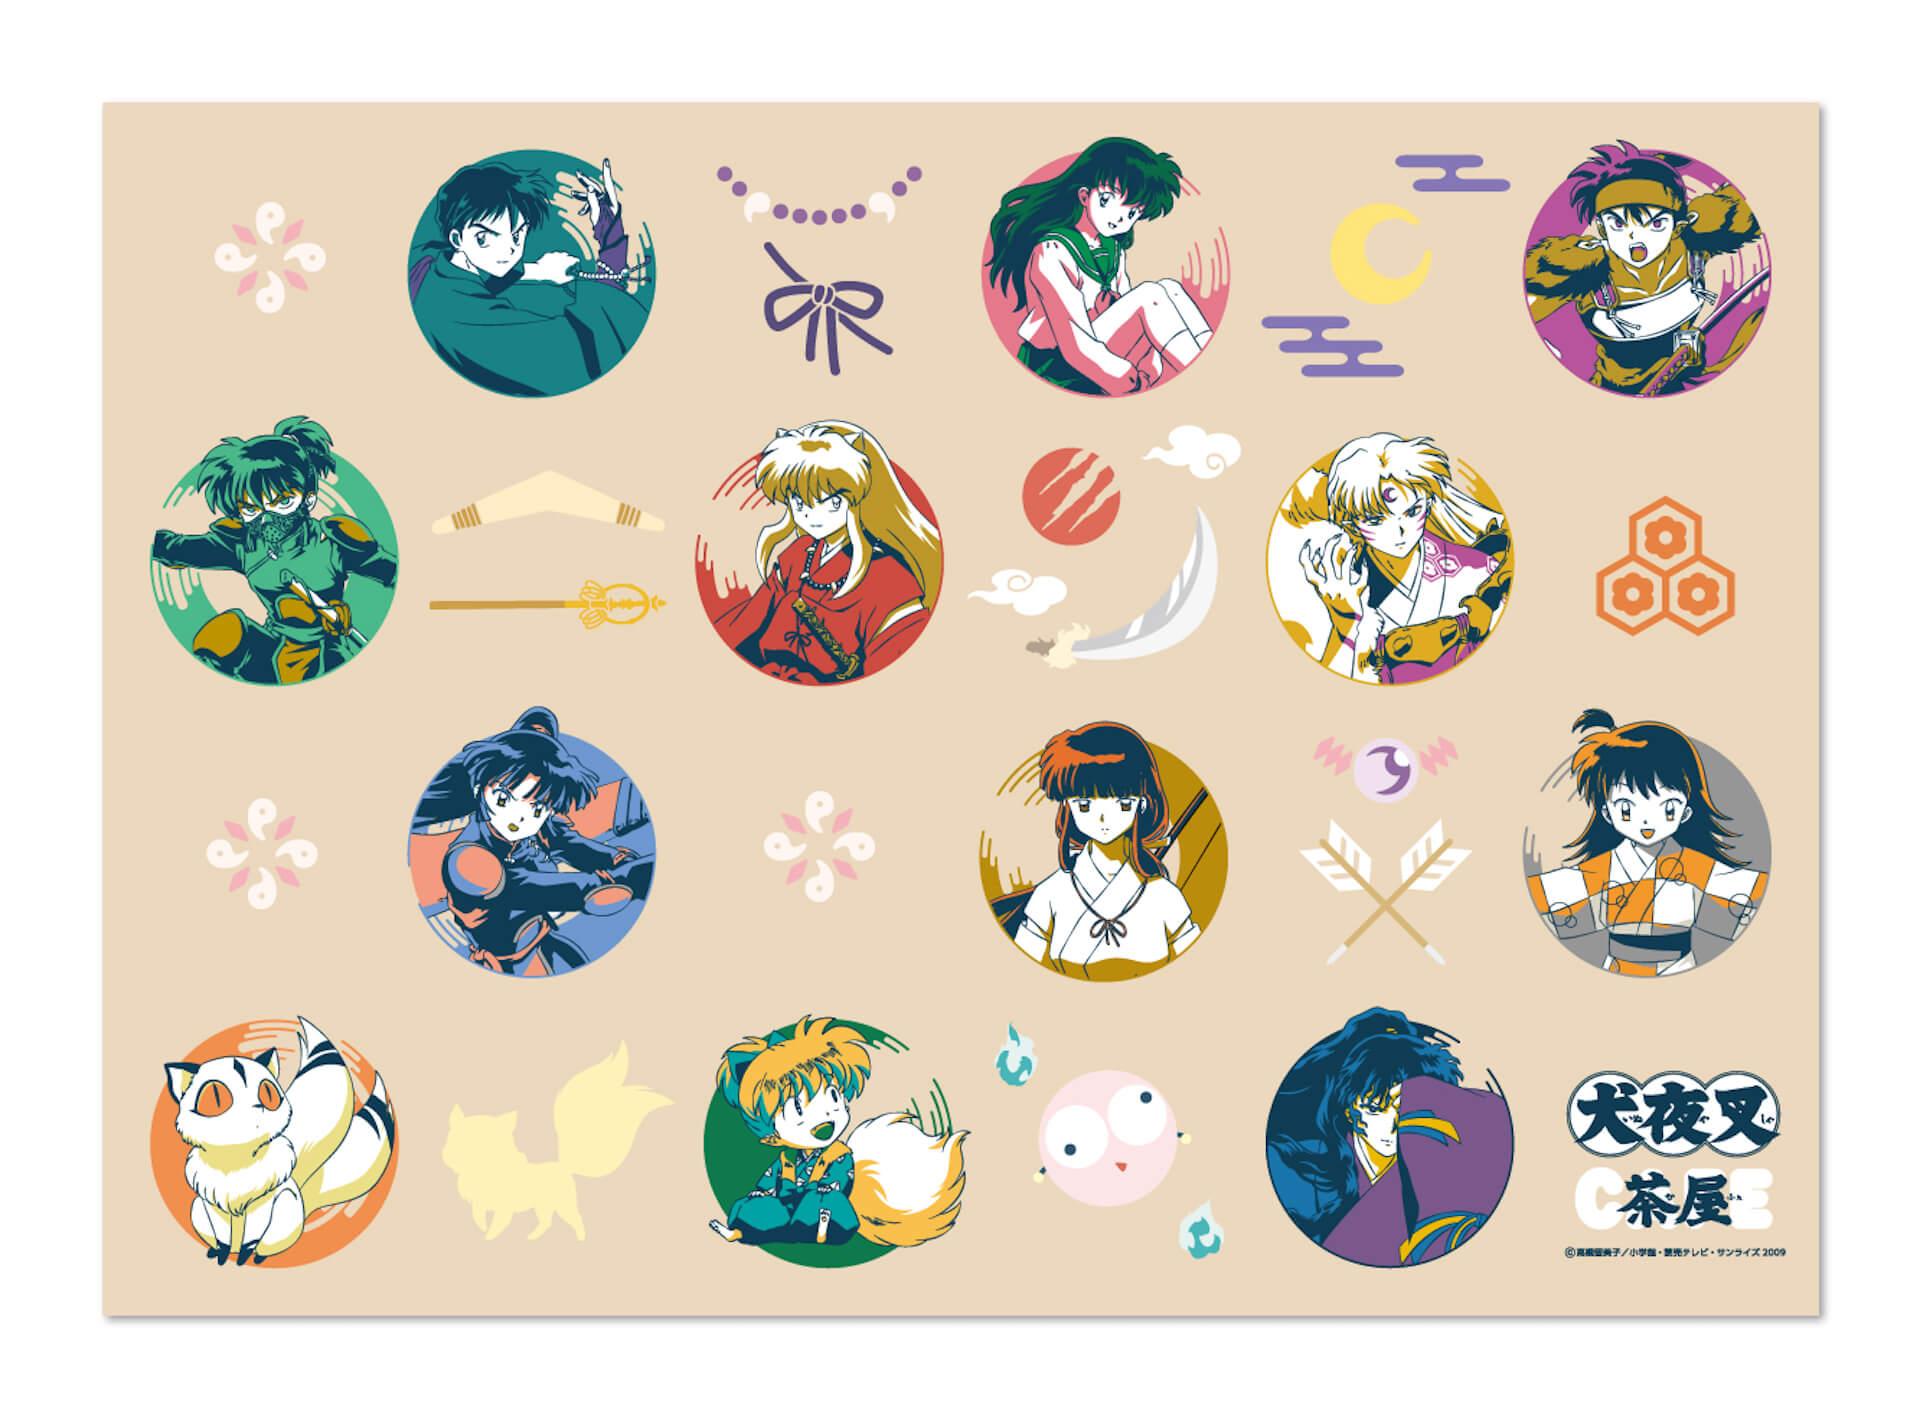 犬夜叉カフェが渋谷PARCOに期間限定オープン決定!名古屋・大阪でも開催&殺生丸・かごめら人気キャラクターの特別グッズも art200717_inuyasha_1